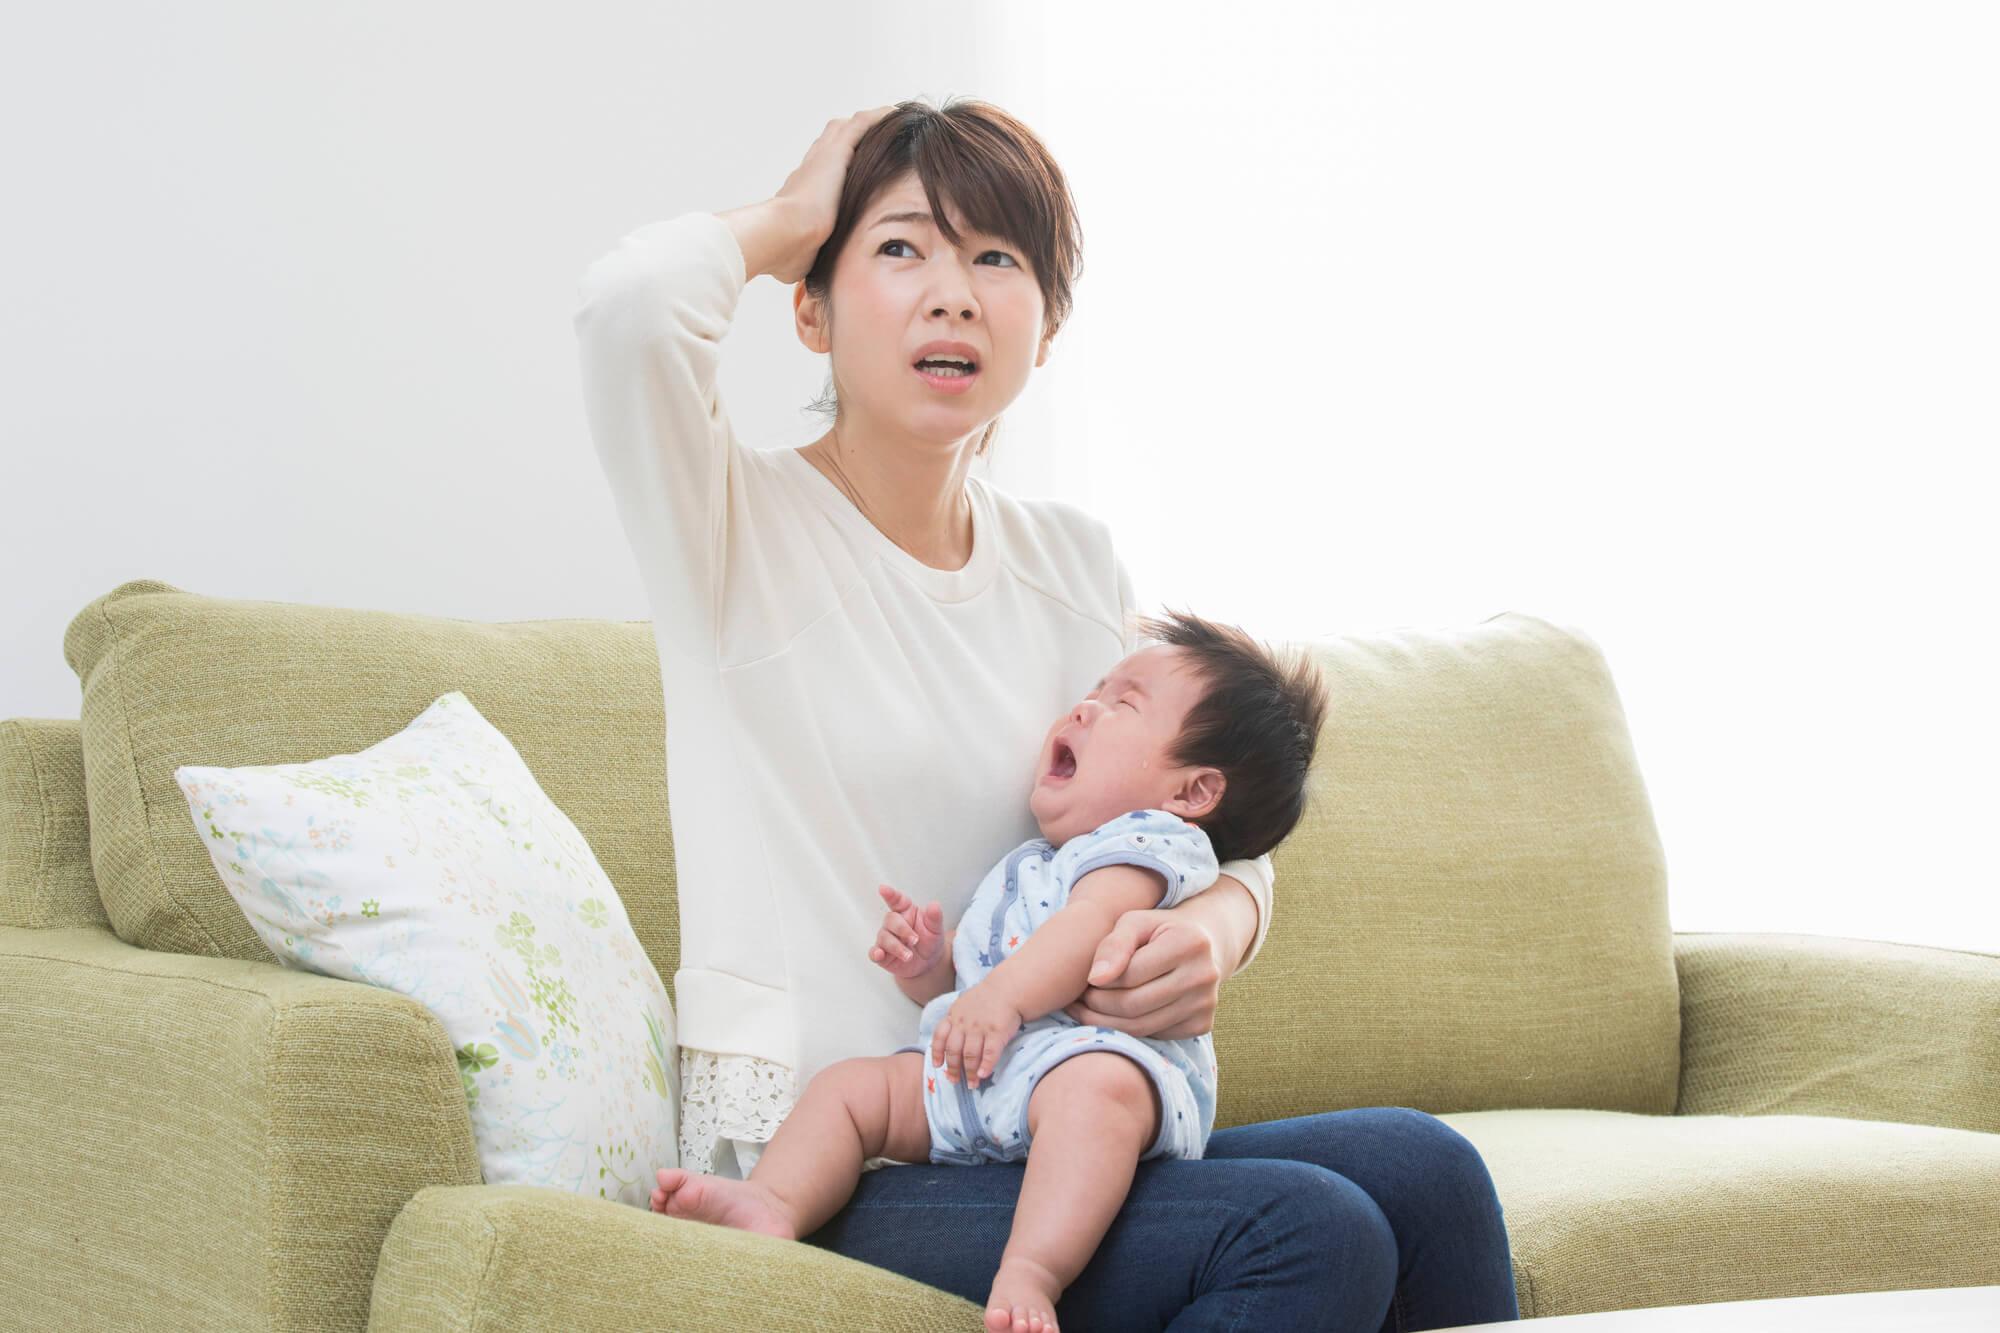 新米ママの悩みと3つの解決法